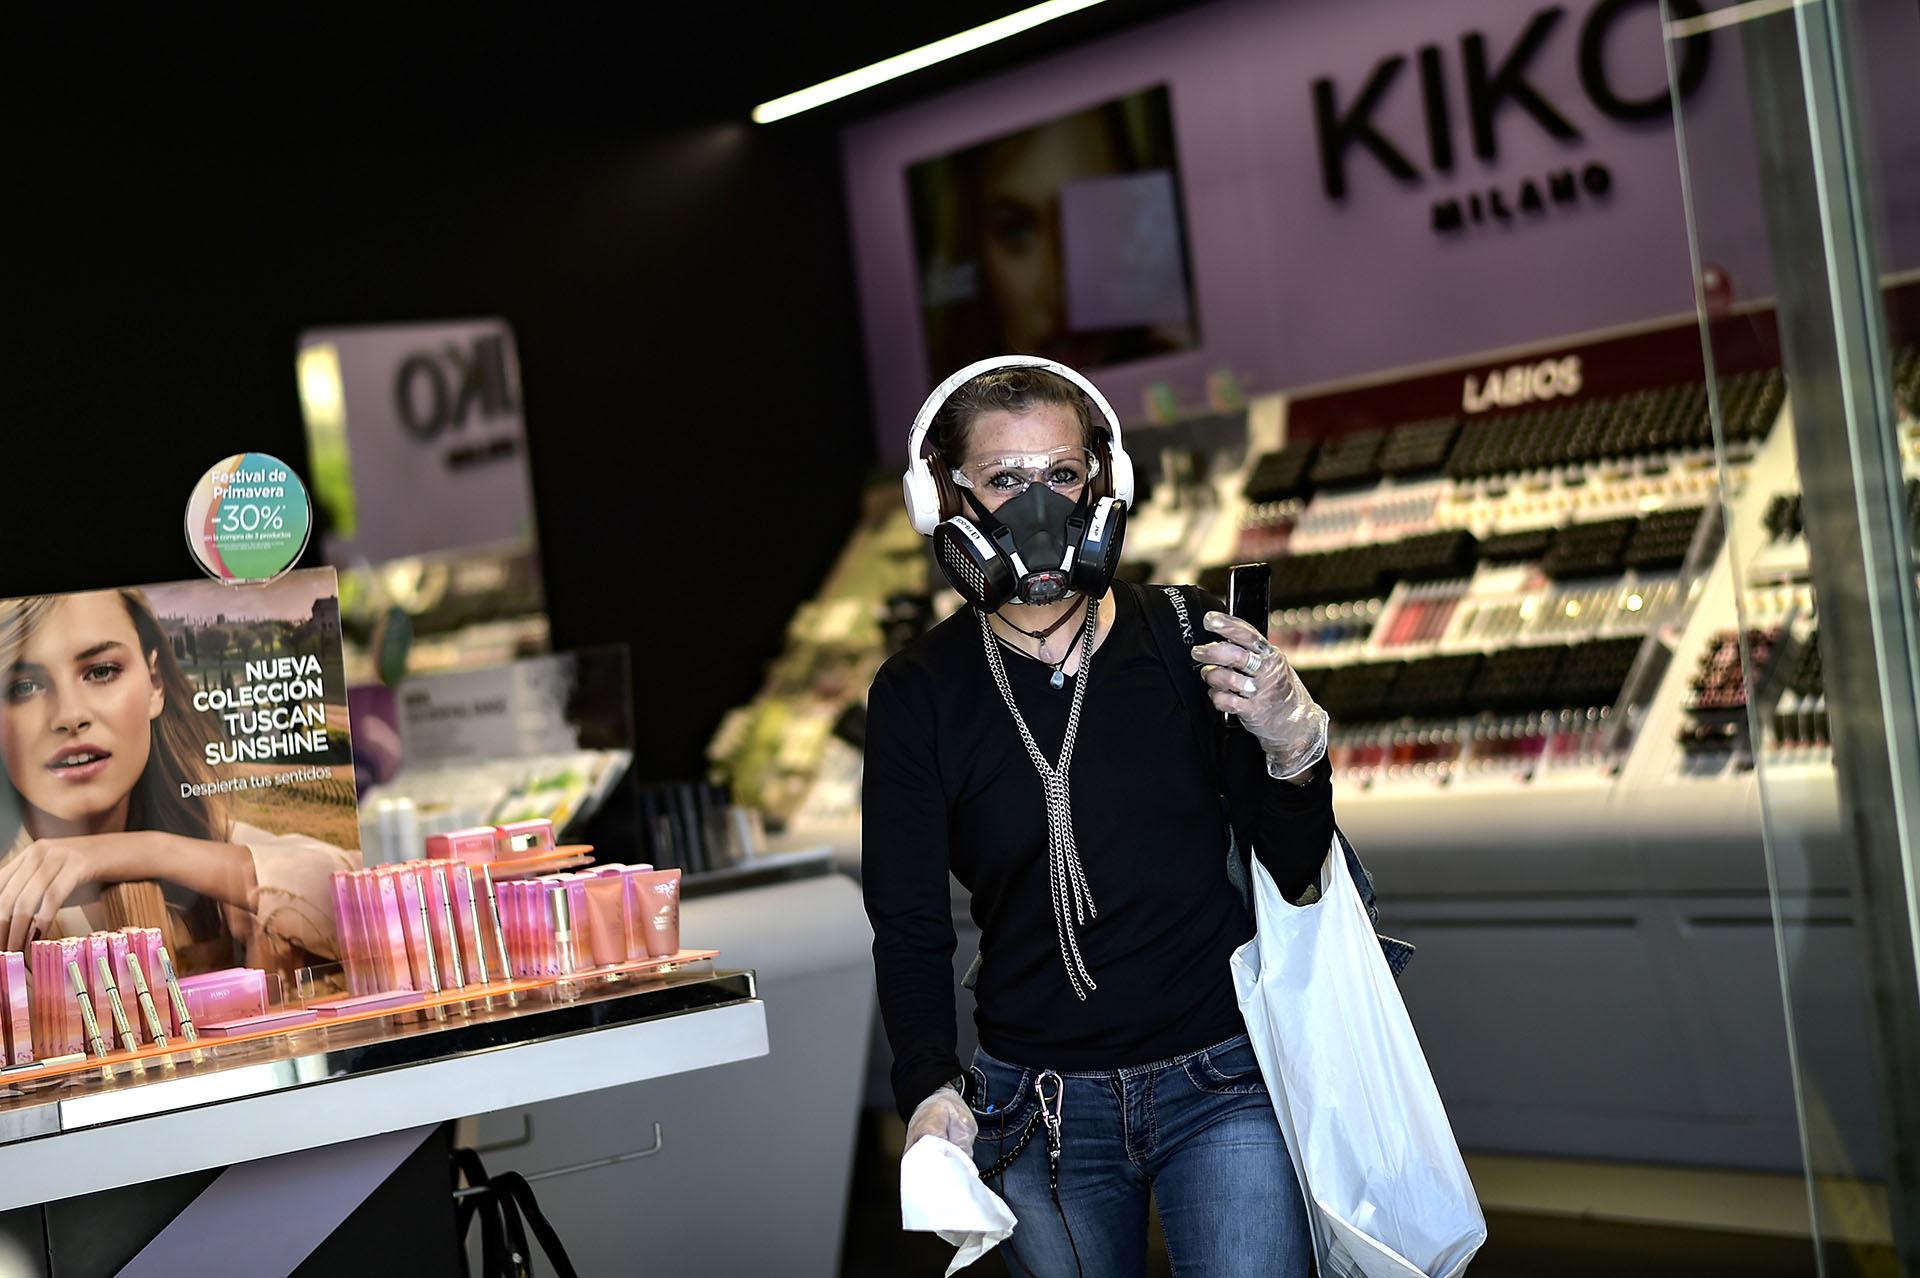 Una mujer sale de un negocio de cosméticos en Pamplona, España.